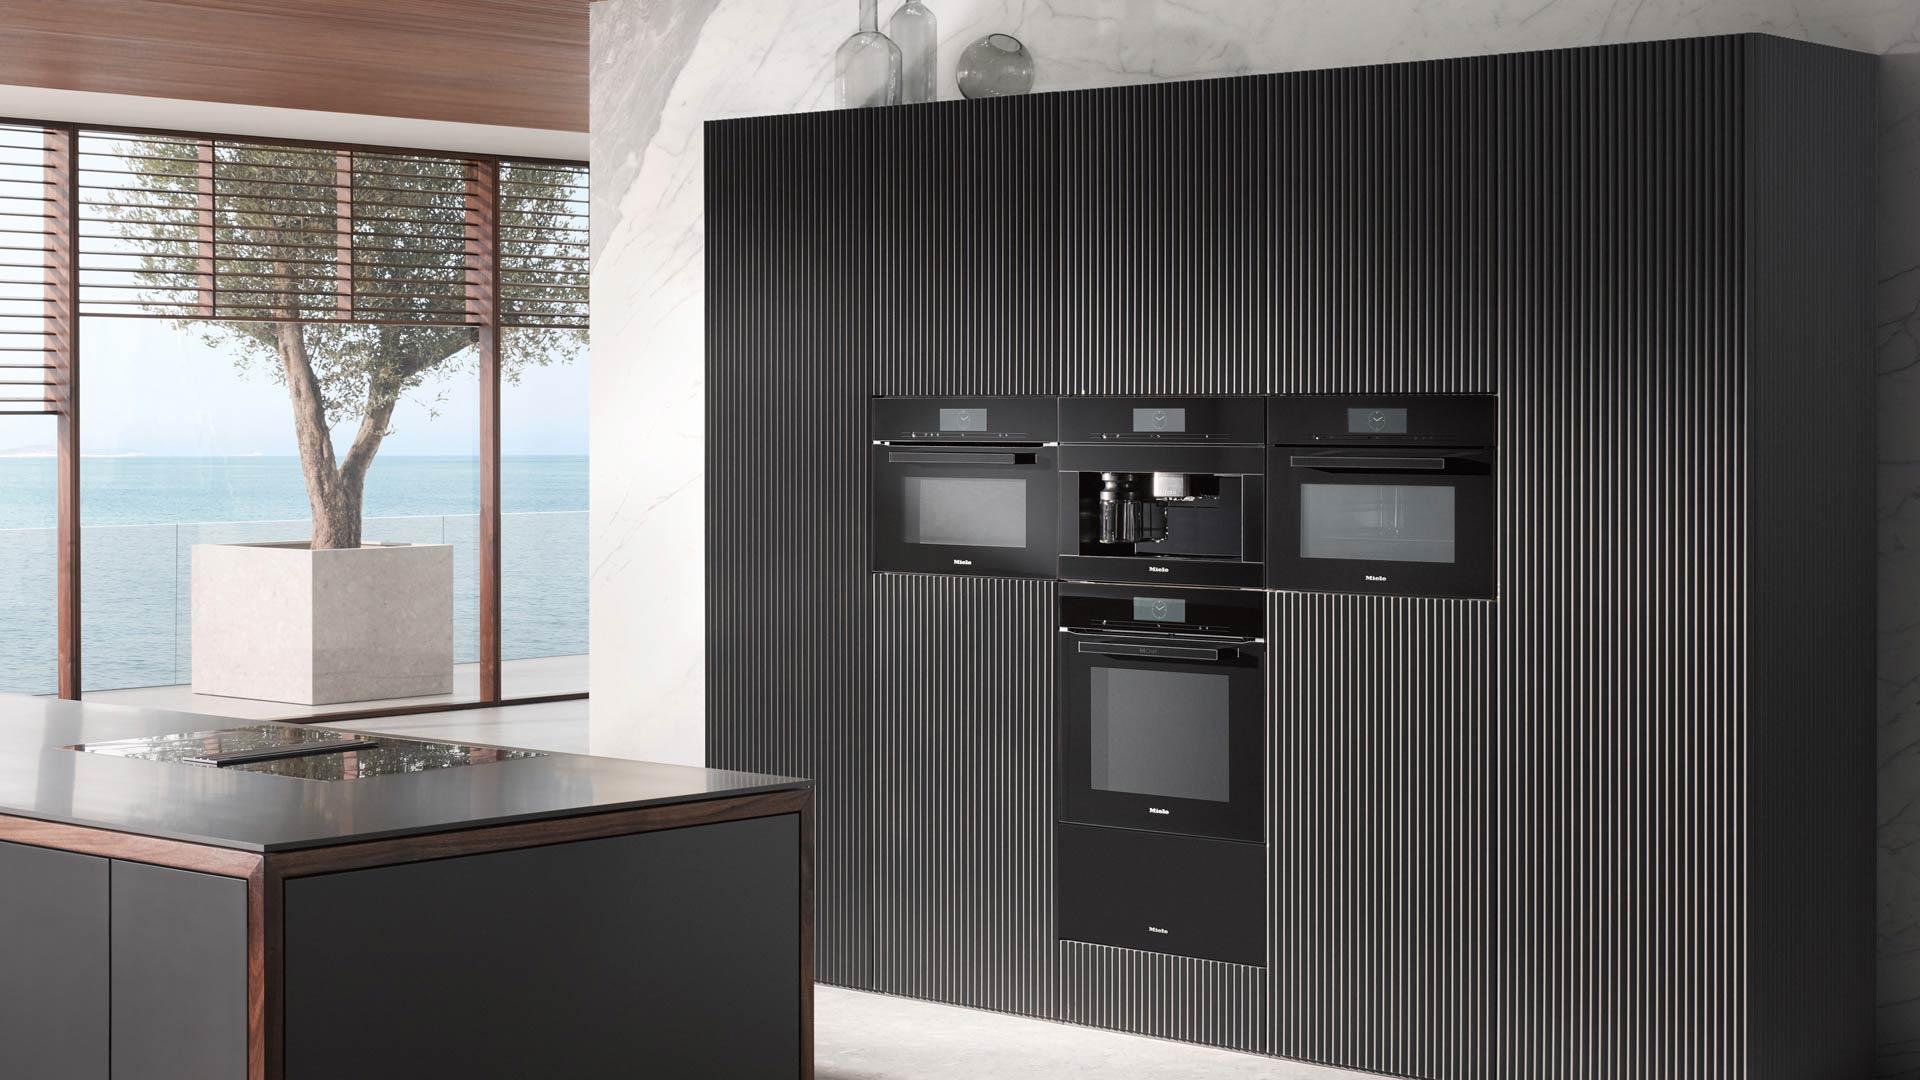 Haushaltsgeräte und Küchenausstattung von Miele bei Ebner & Spuller in Graz